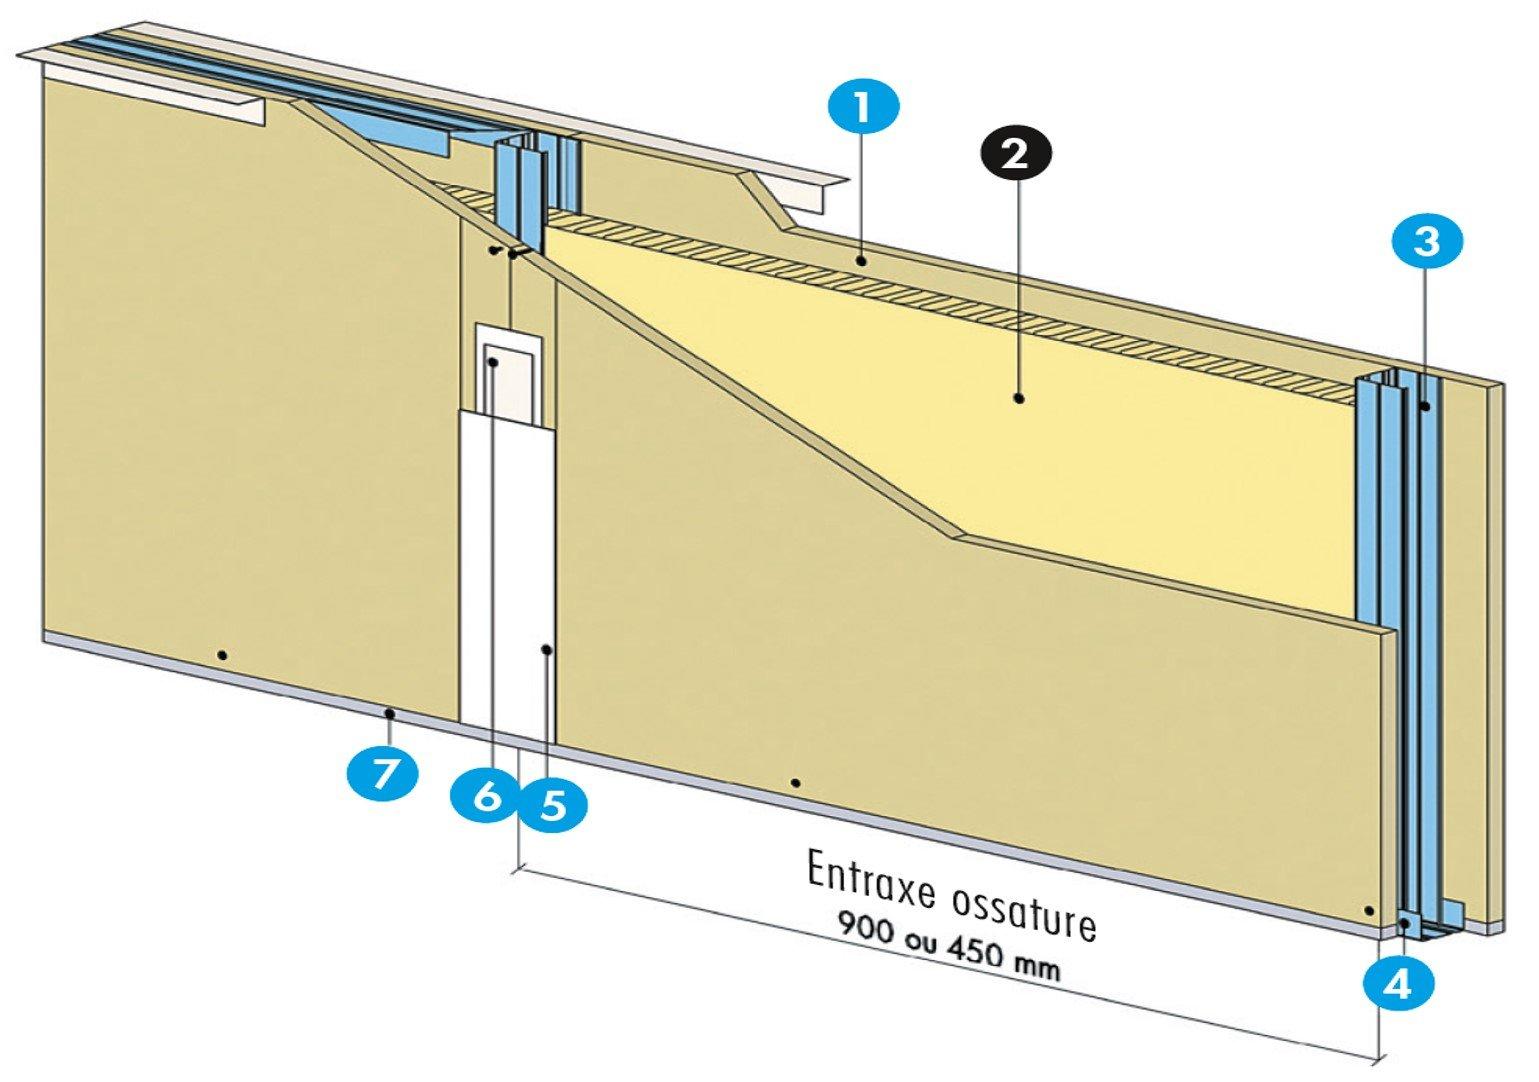 Cloison KHD18-900